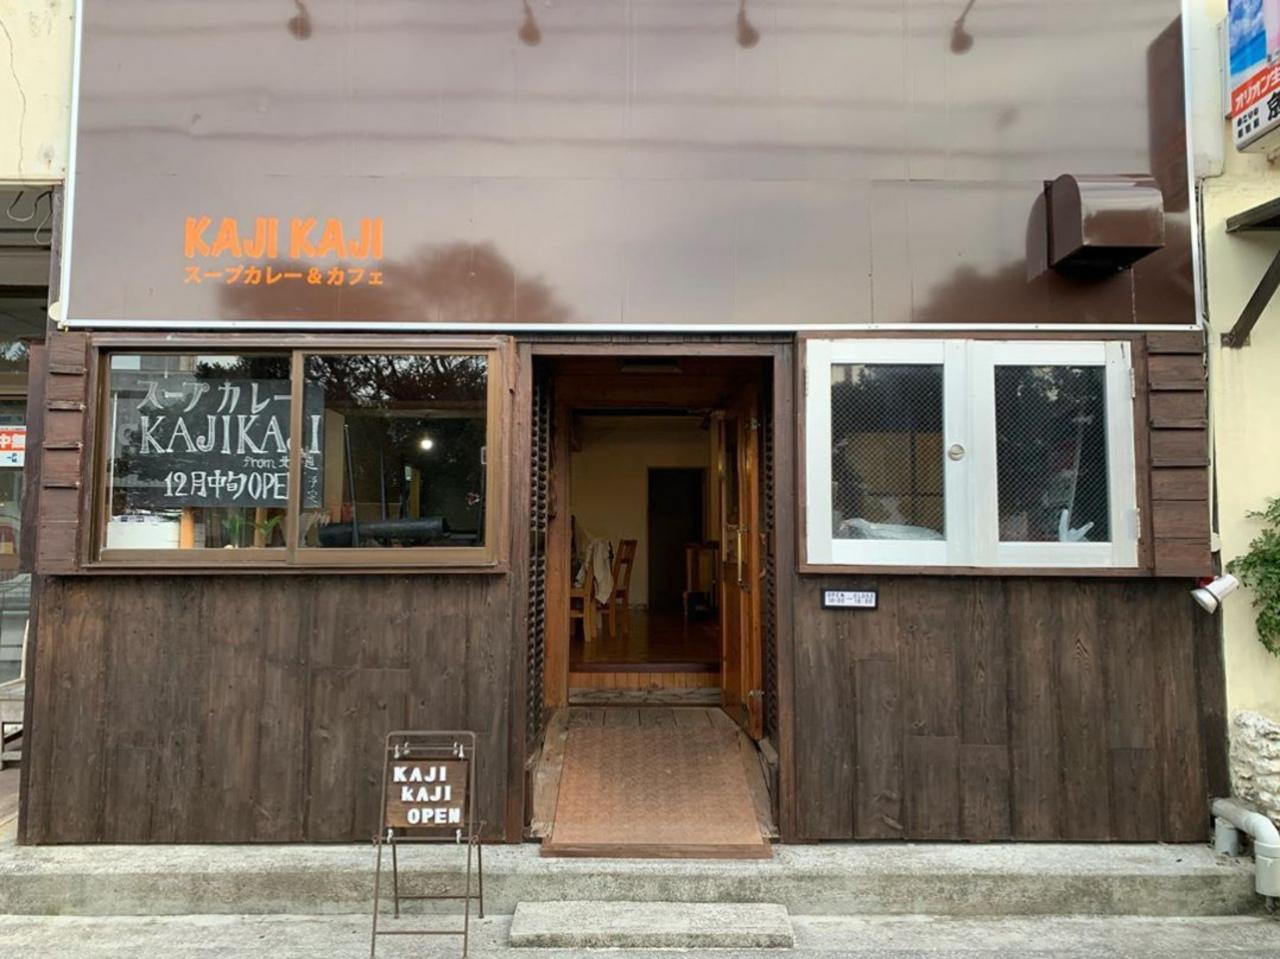 沖縄県南城市大里稲嶺に沖縄スープカレー&カフェ「かぢかぢ」がプレオープン中のようです。